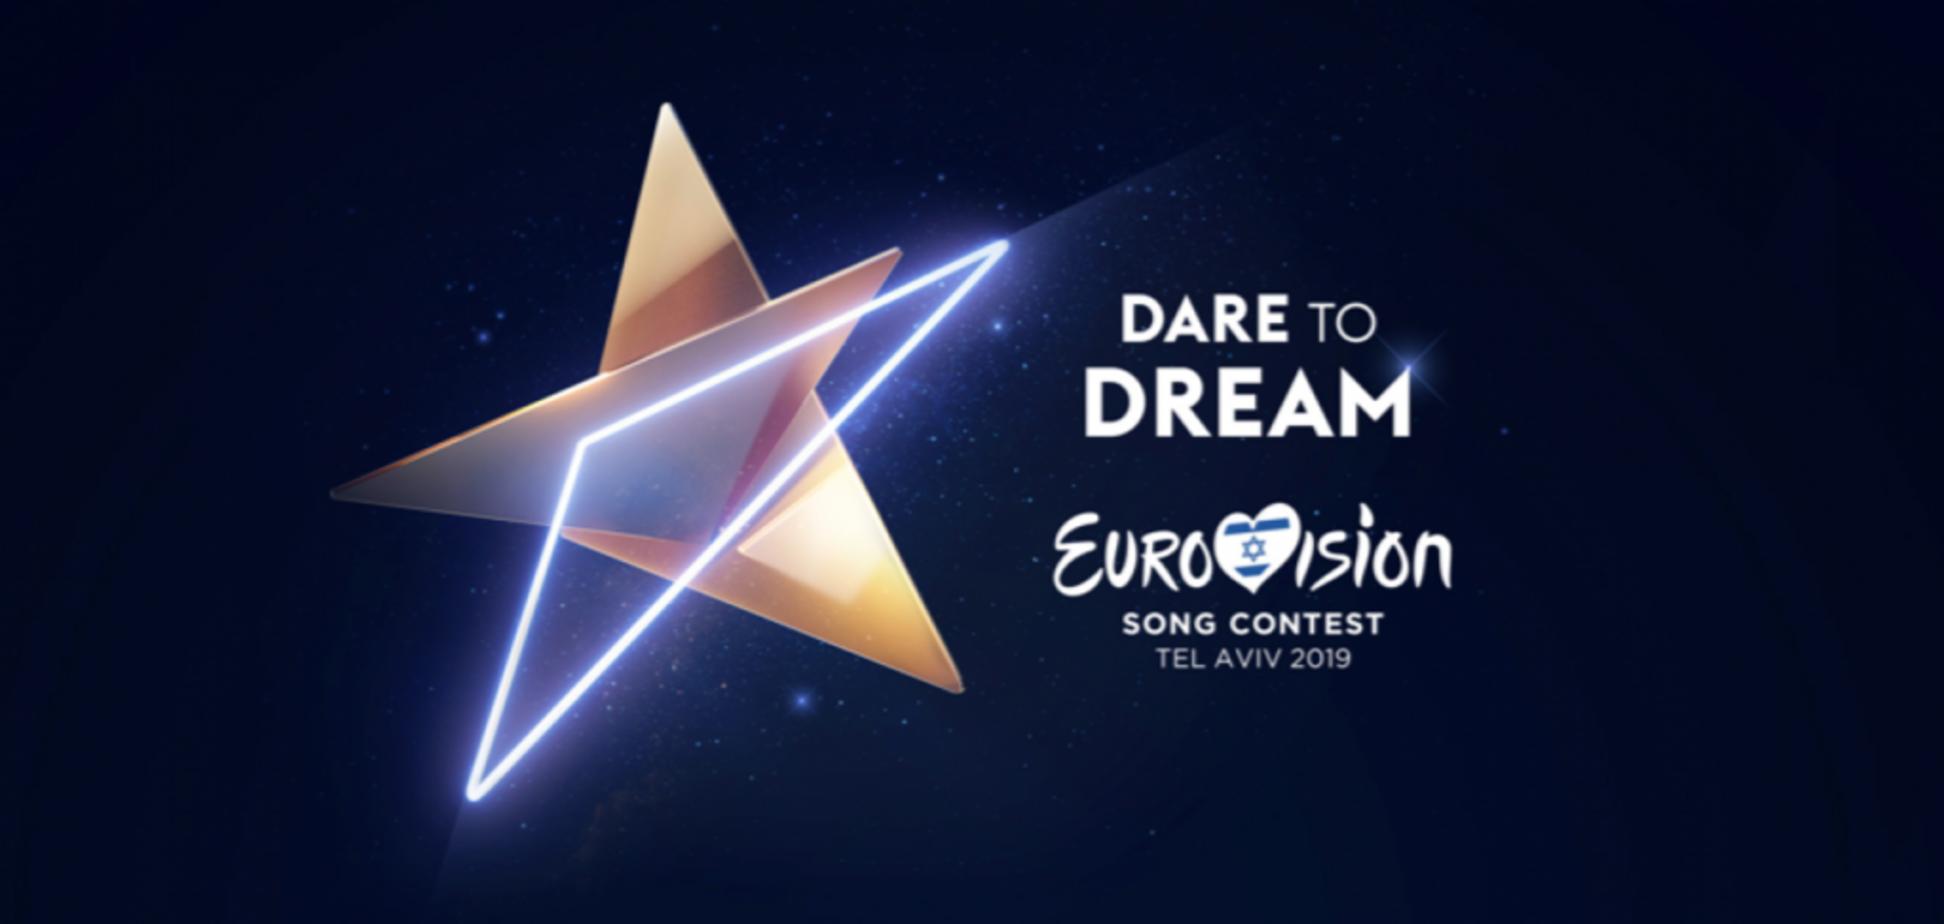 Перші ставки на Євробачення: де Україна і чому букмекери дали Росії 1-е місце